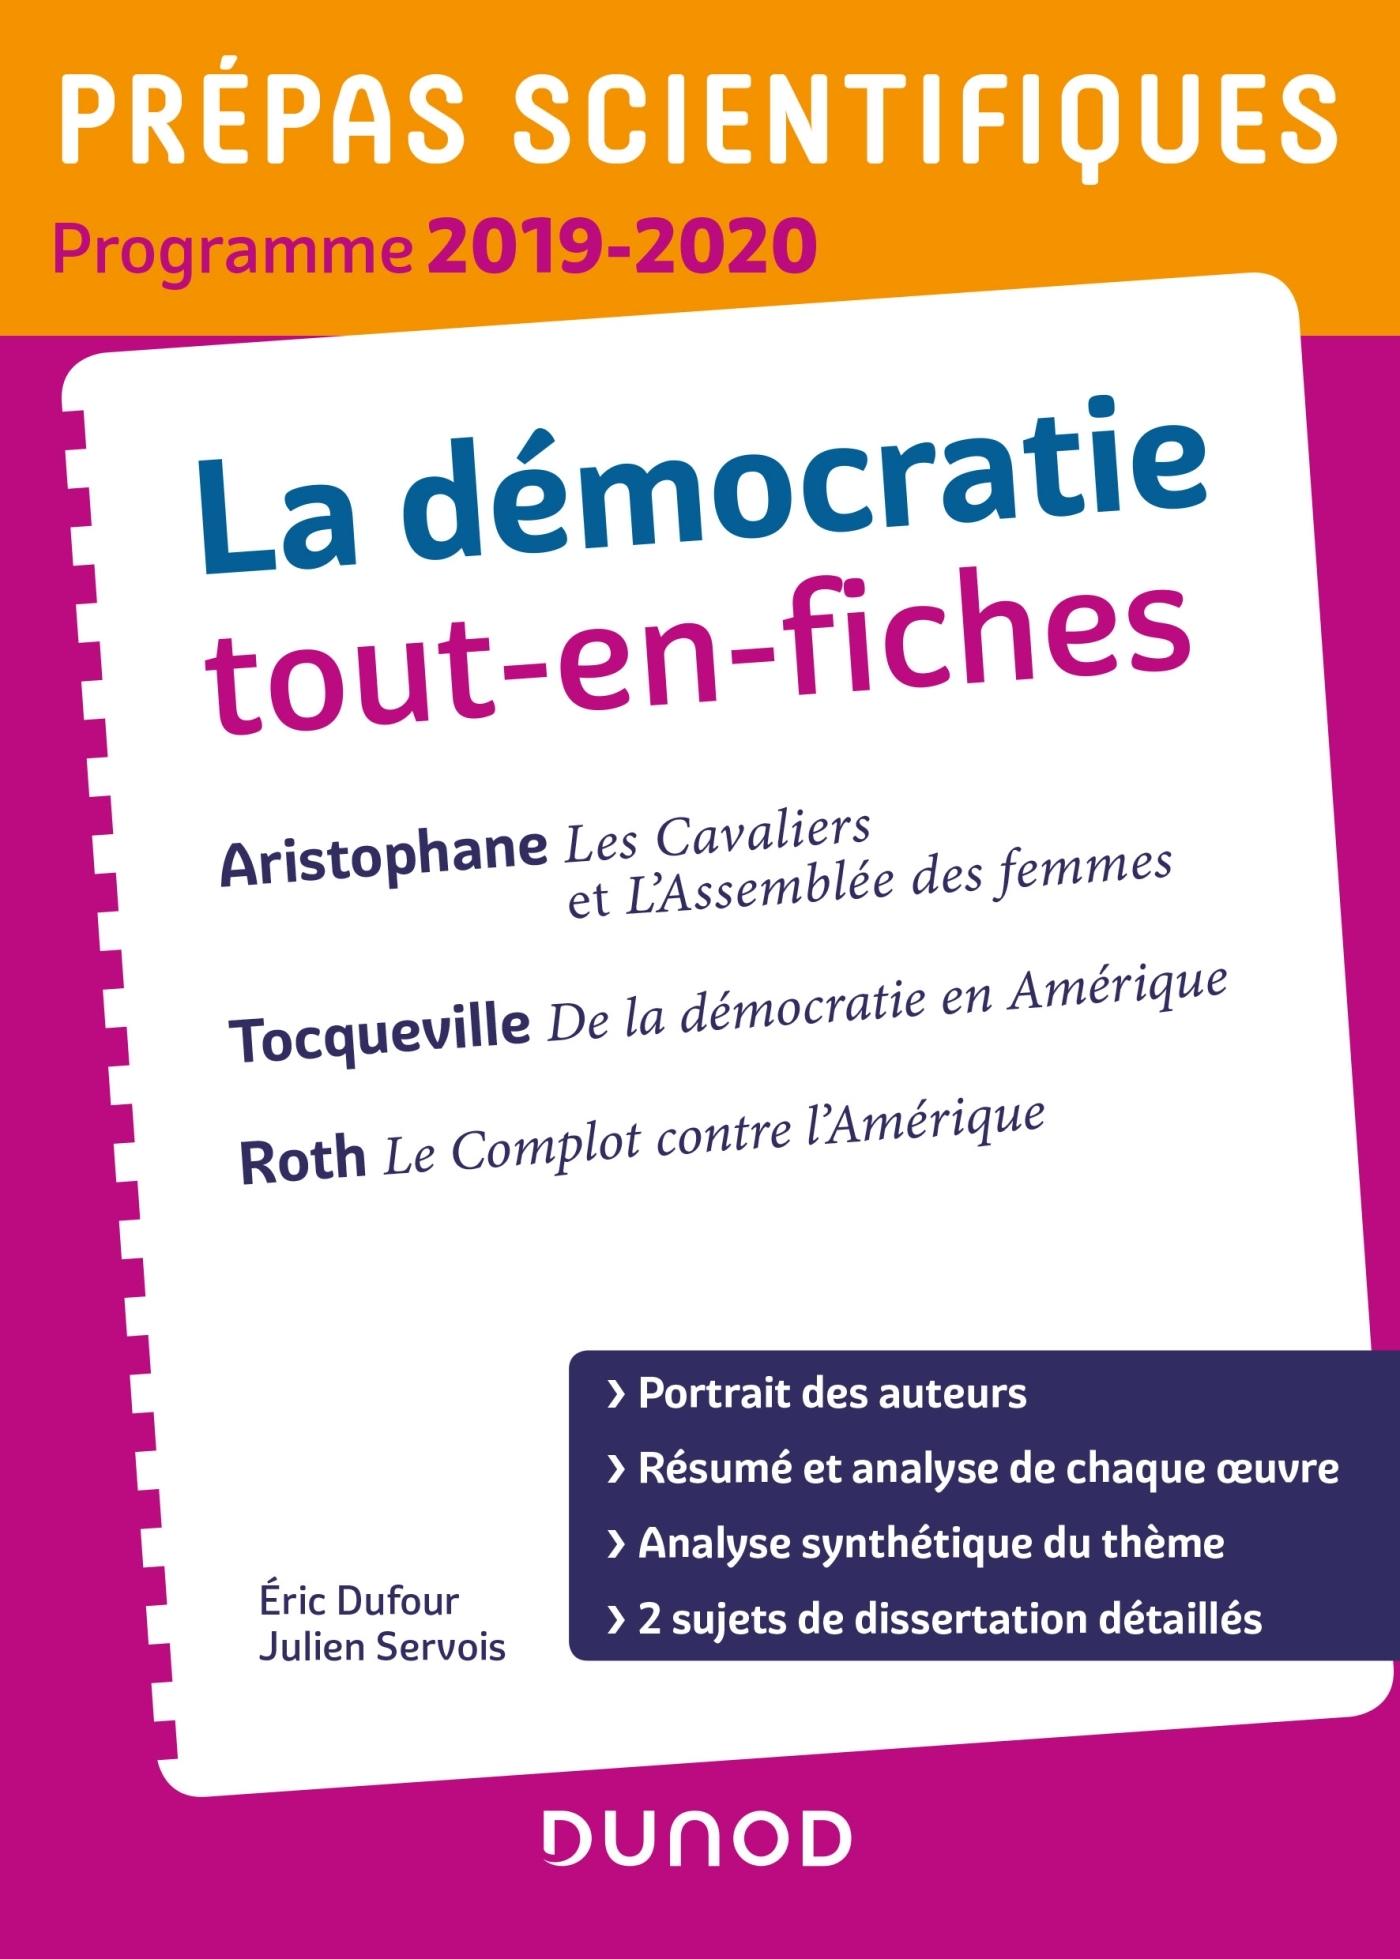 LA DEMOCRATIE TOUT-EN-FICHES - PREPAS SCIENTIFIQUES - PROGRAMME 2019-2020